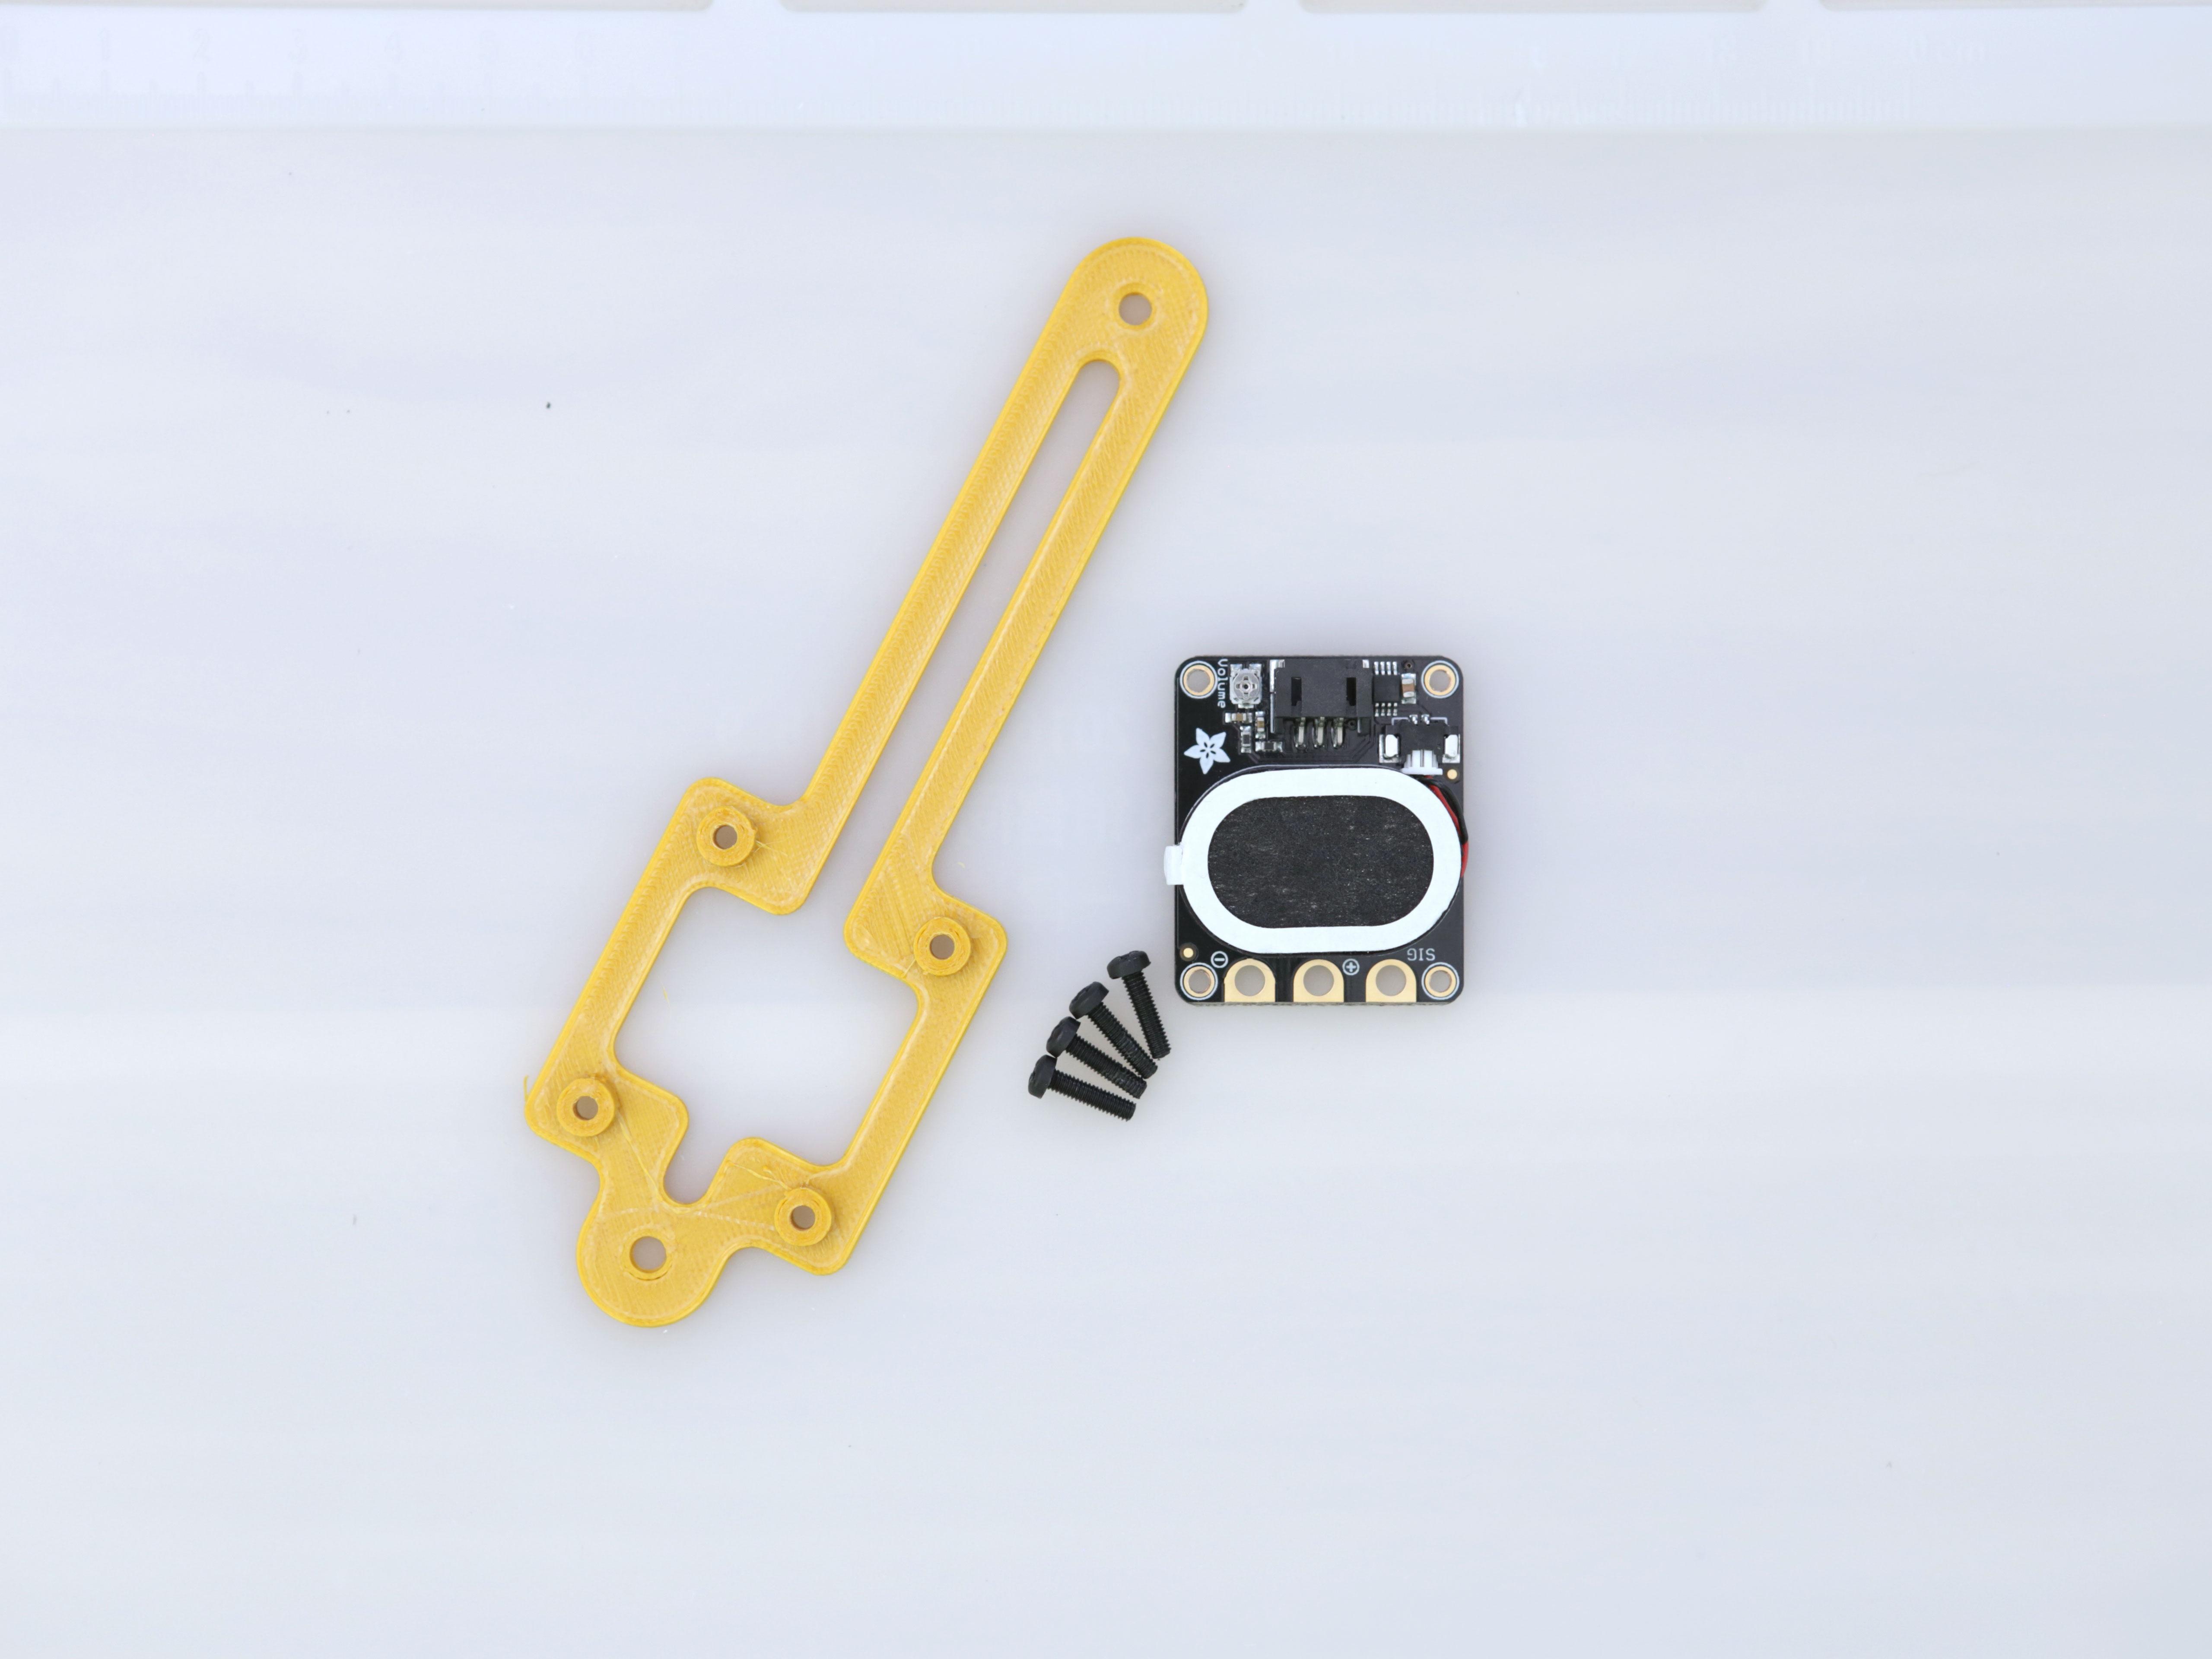 led_matrices_speaker-mount-screws.jpg